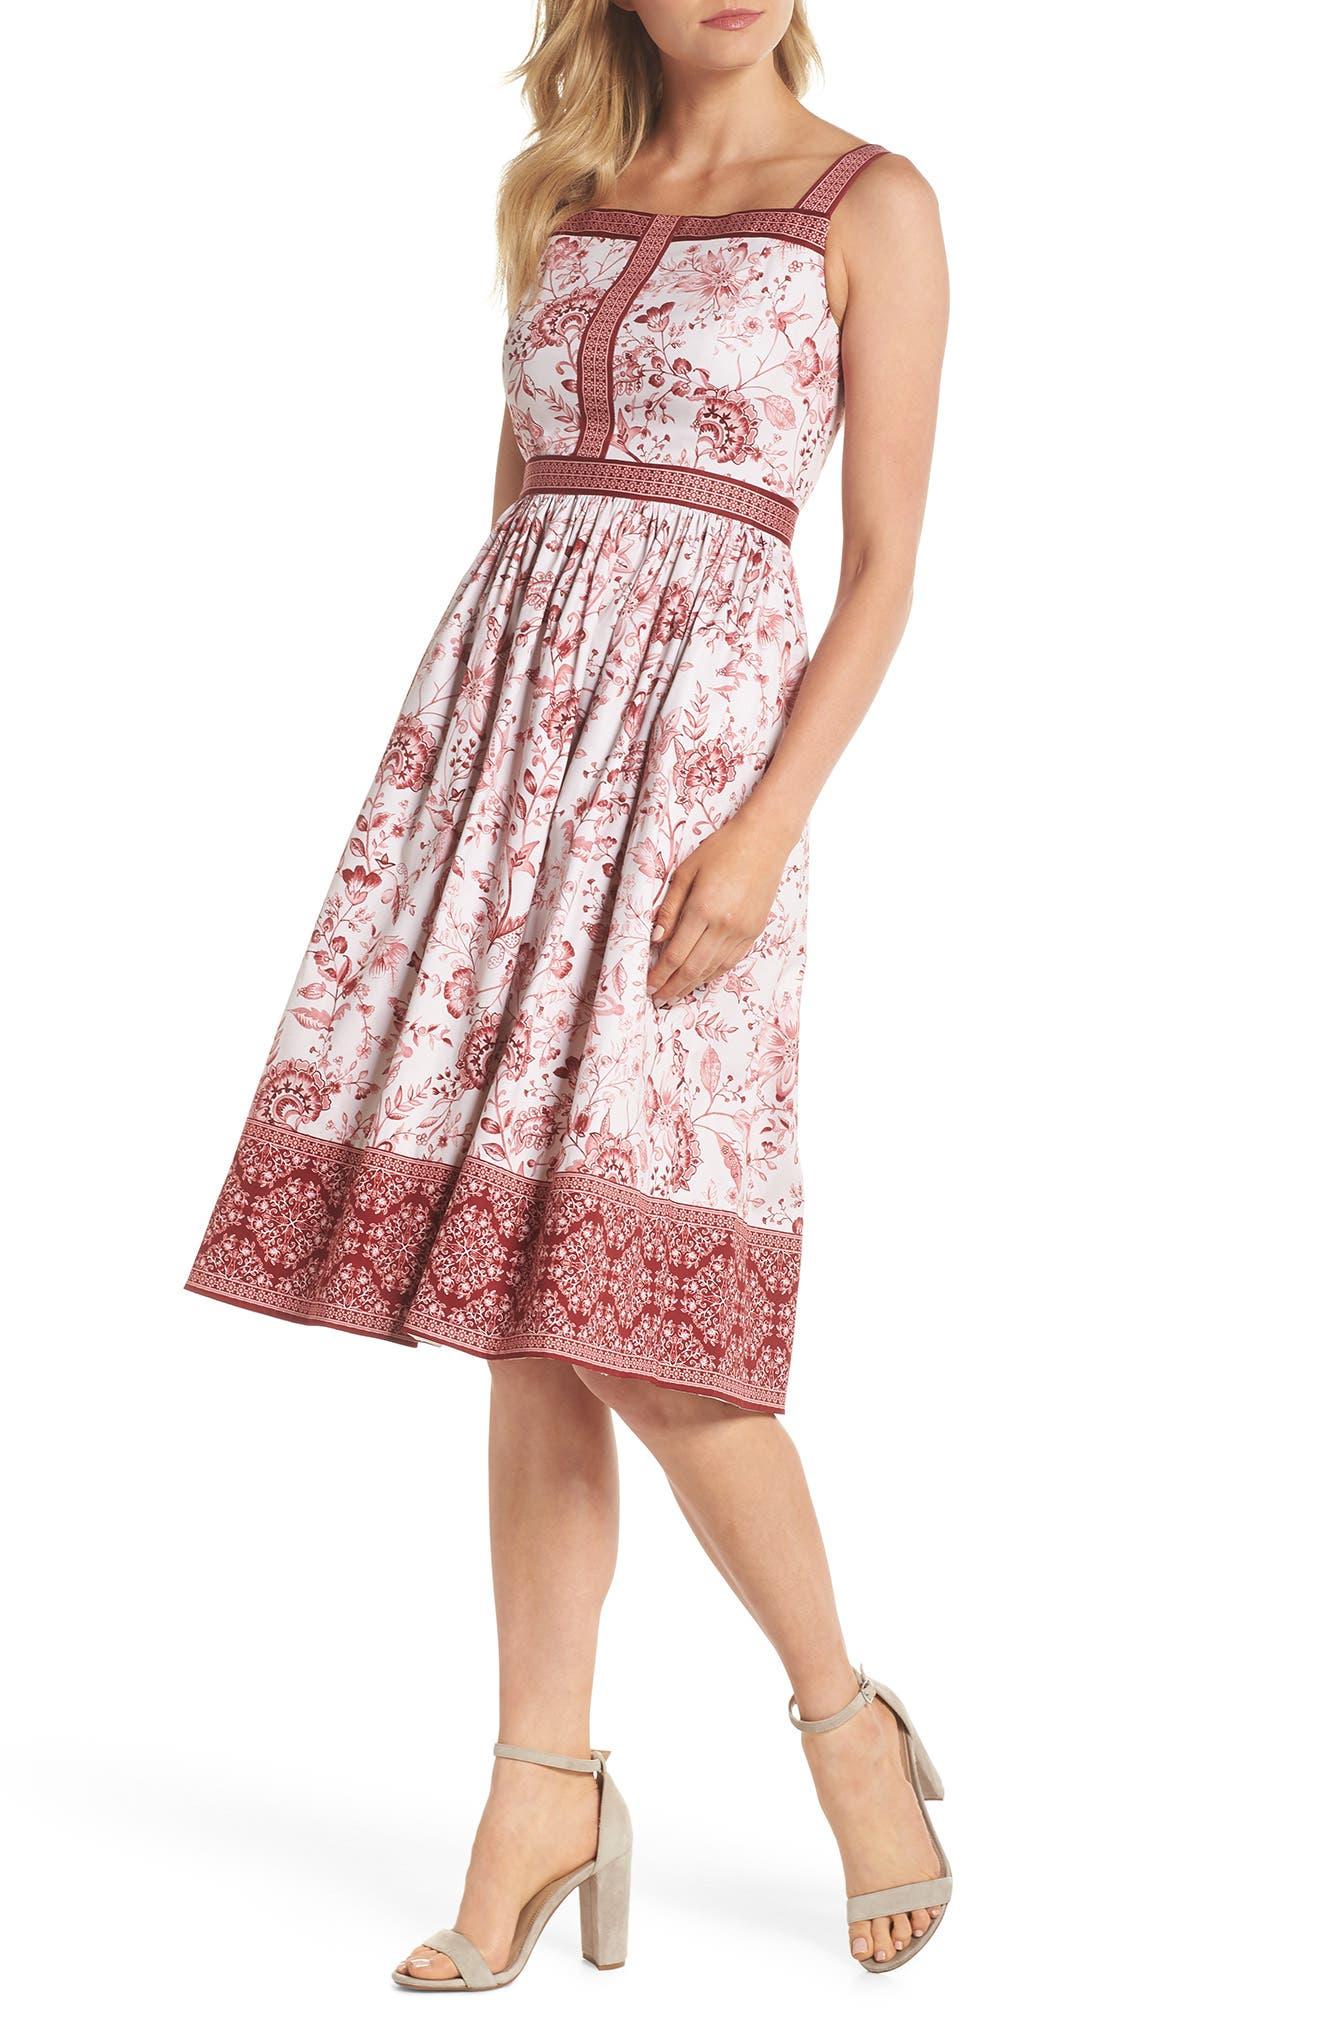 Esme Floral Fit & Flare Dress,                         Main,                         color, CHAMPAGNE/ BURGUNDY